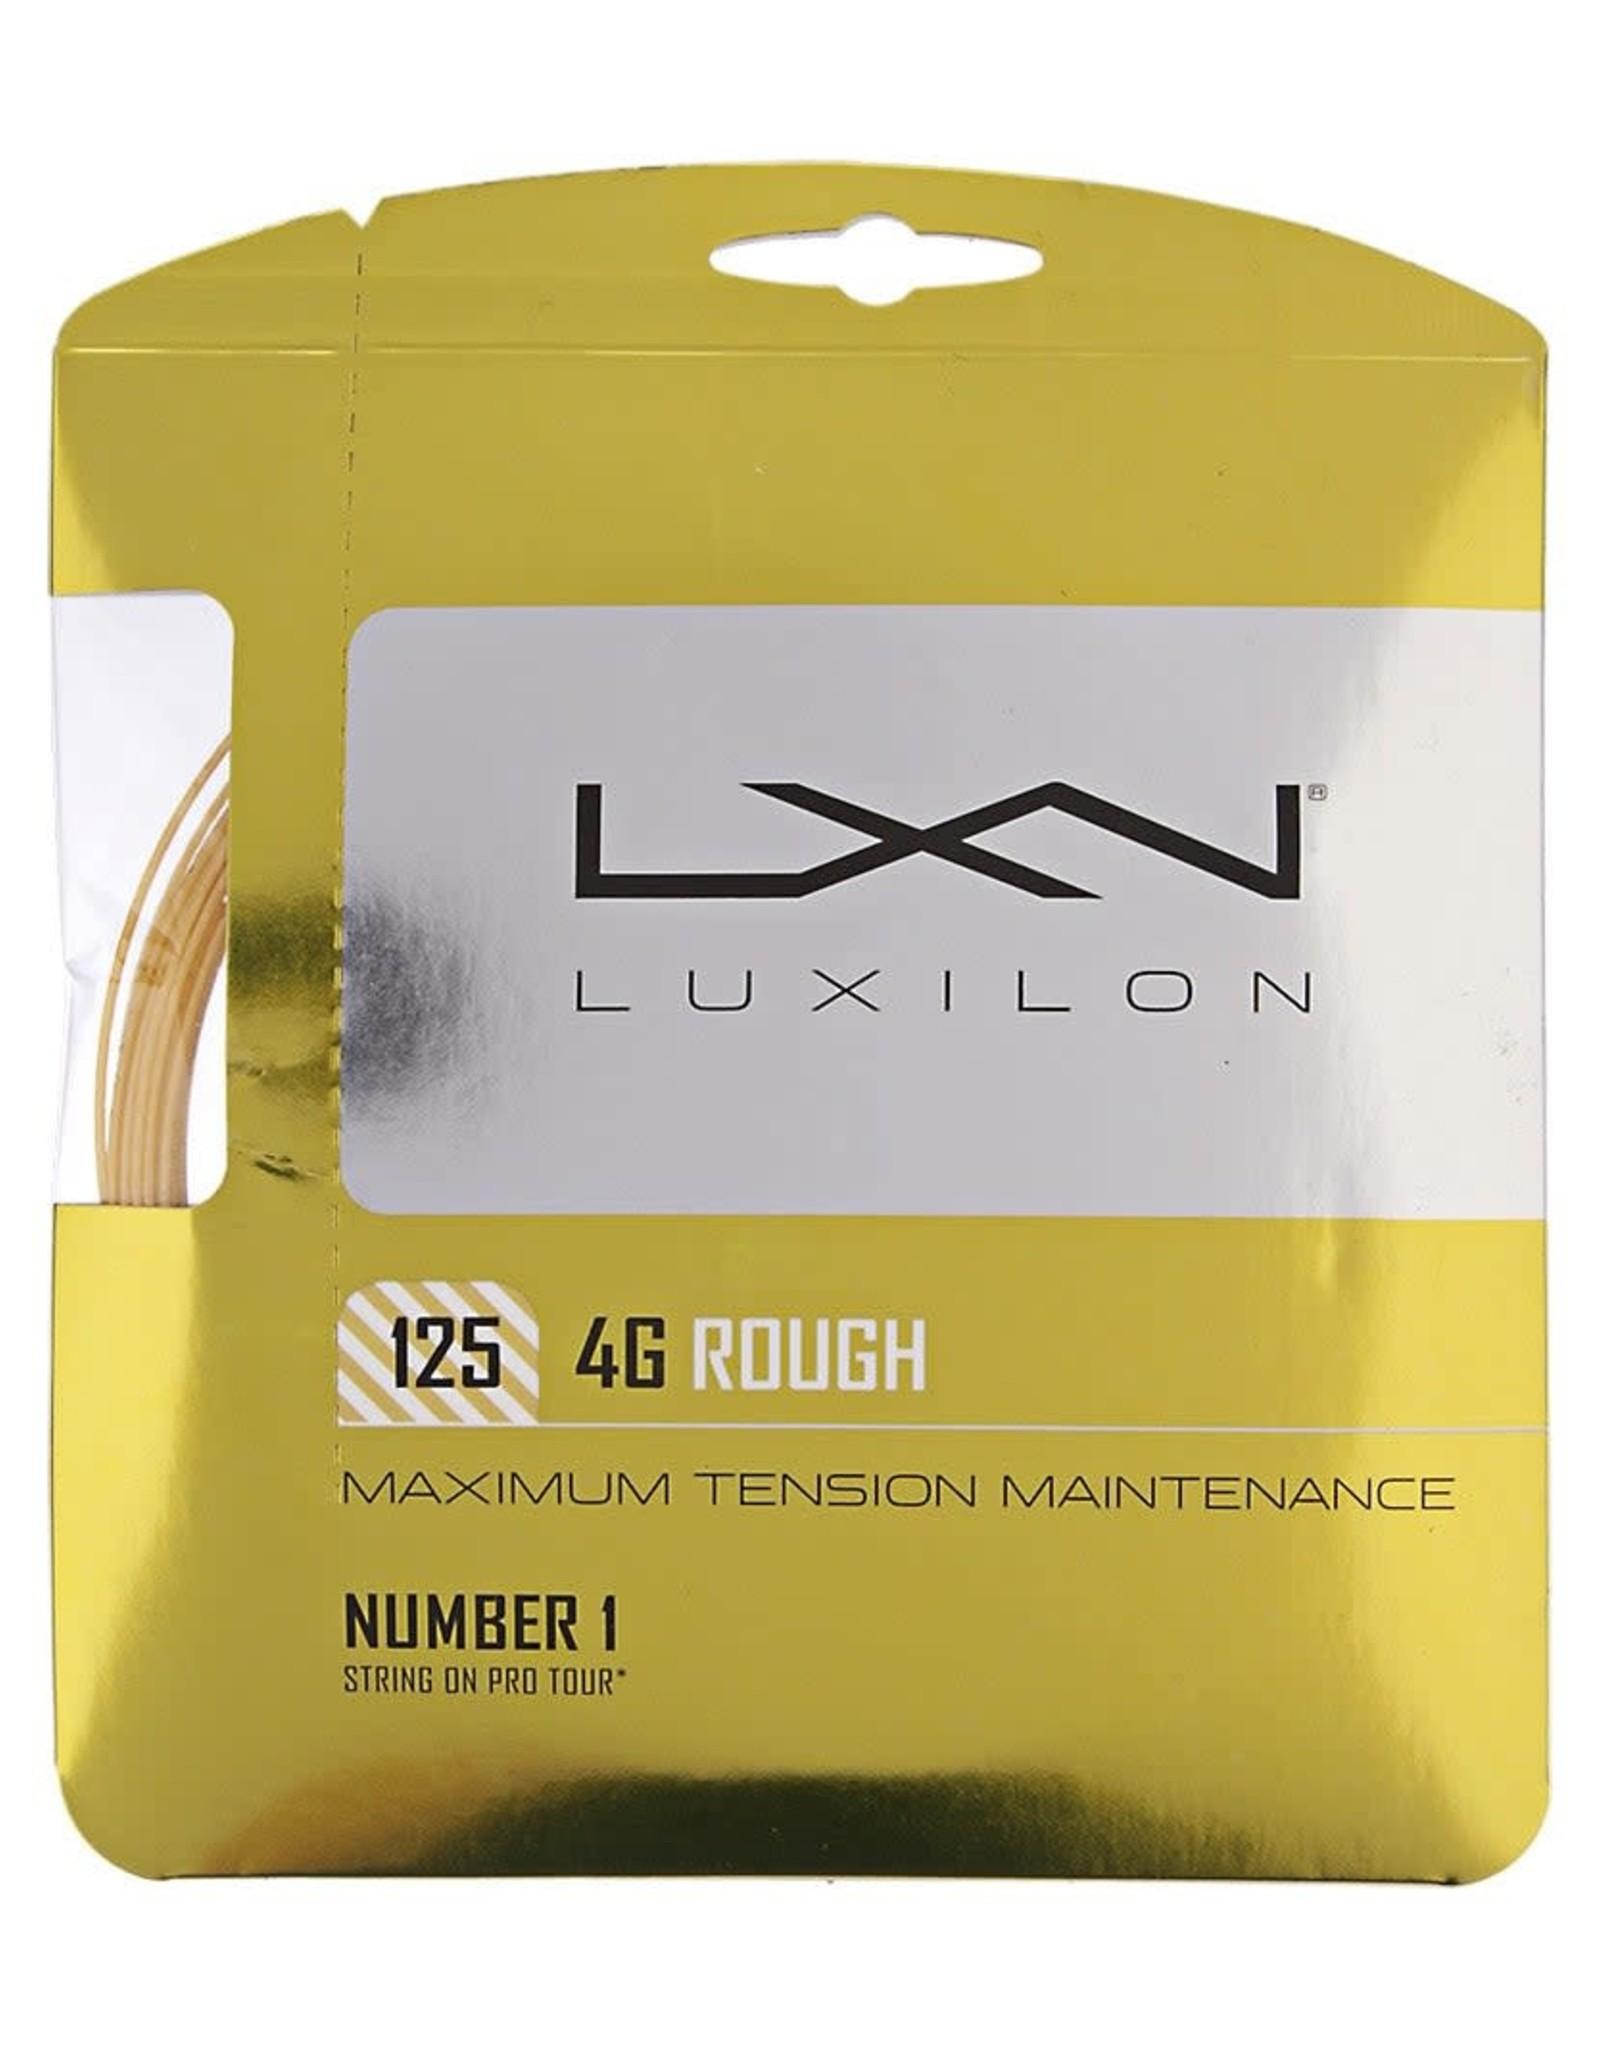 Luxilon 4G ROUGH